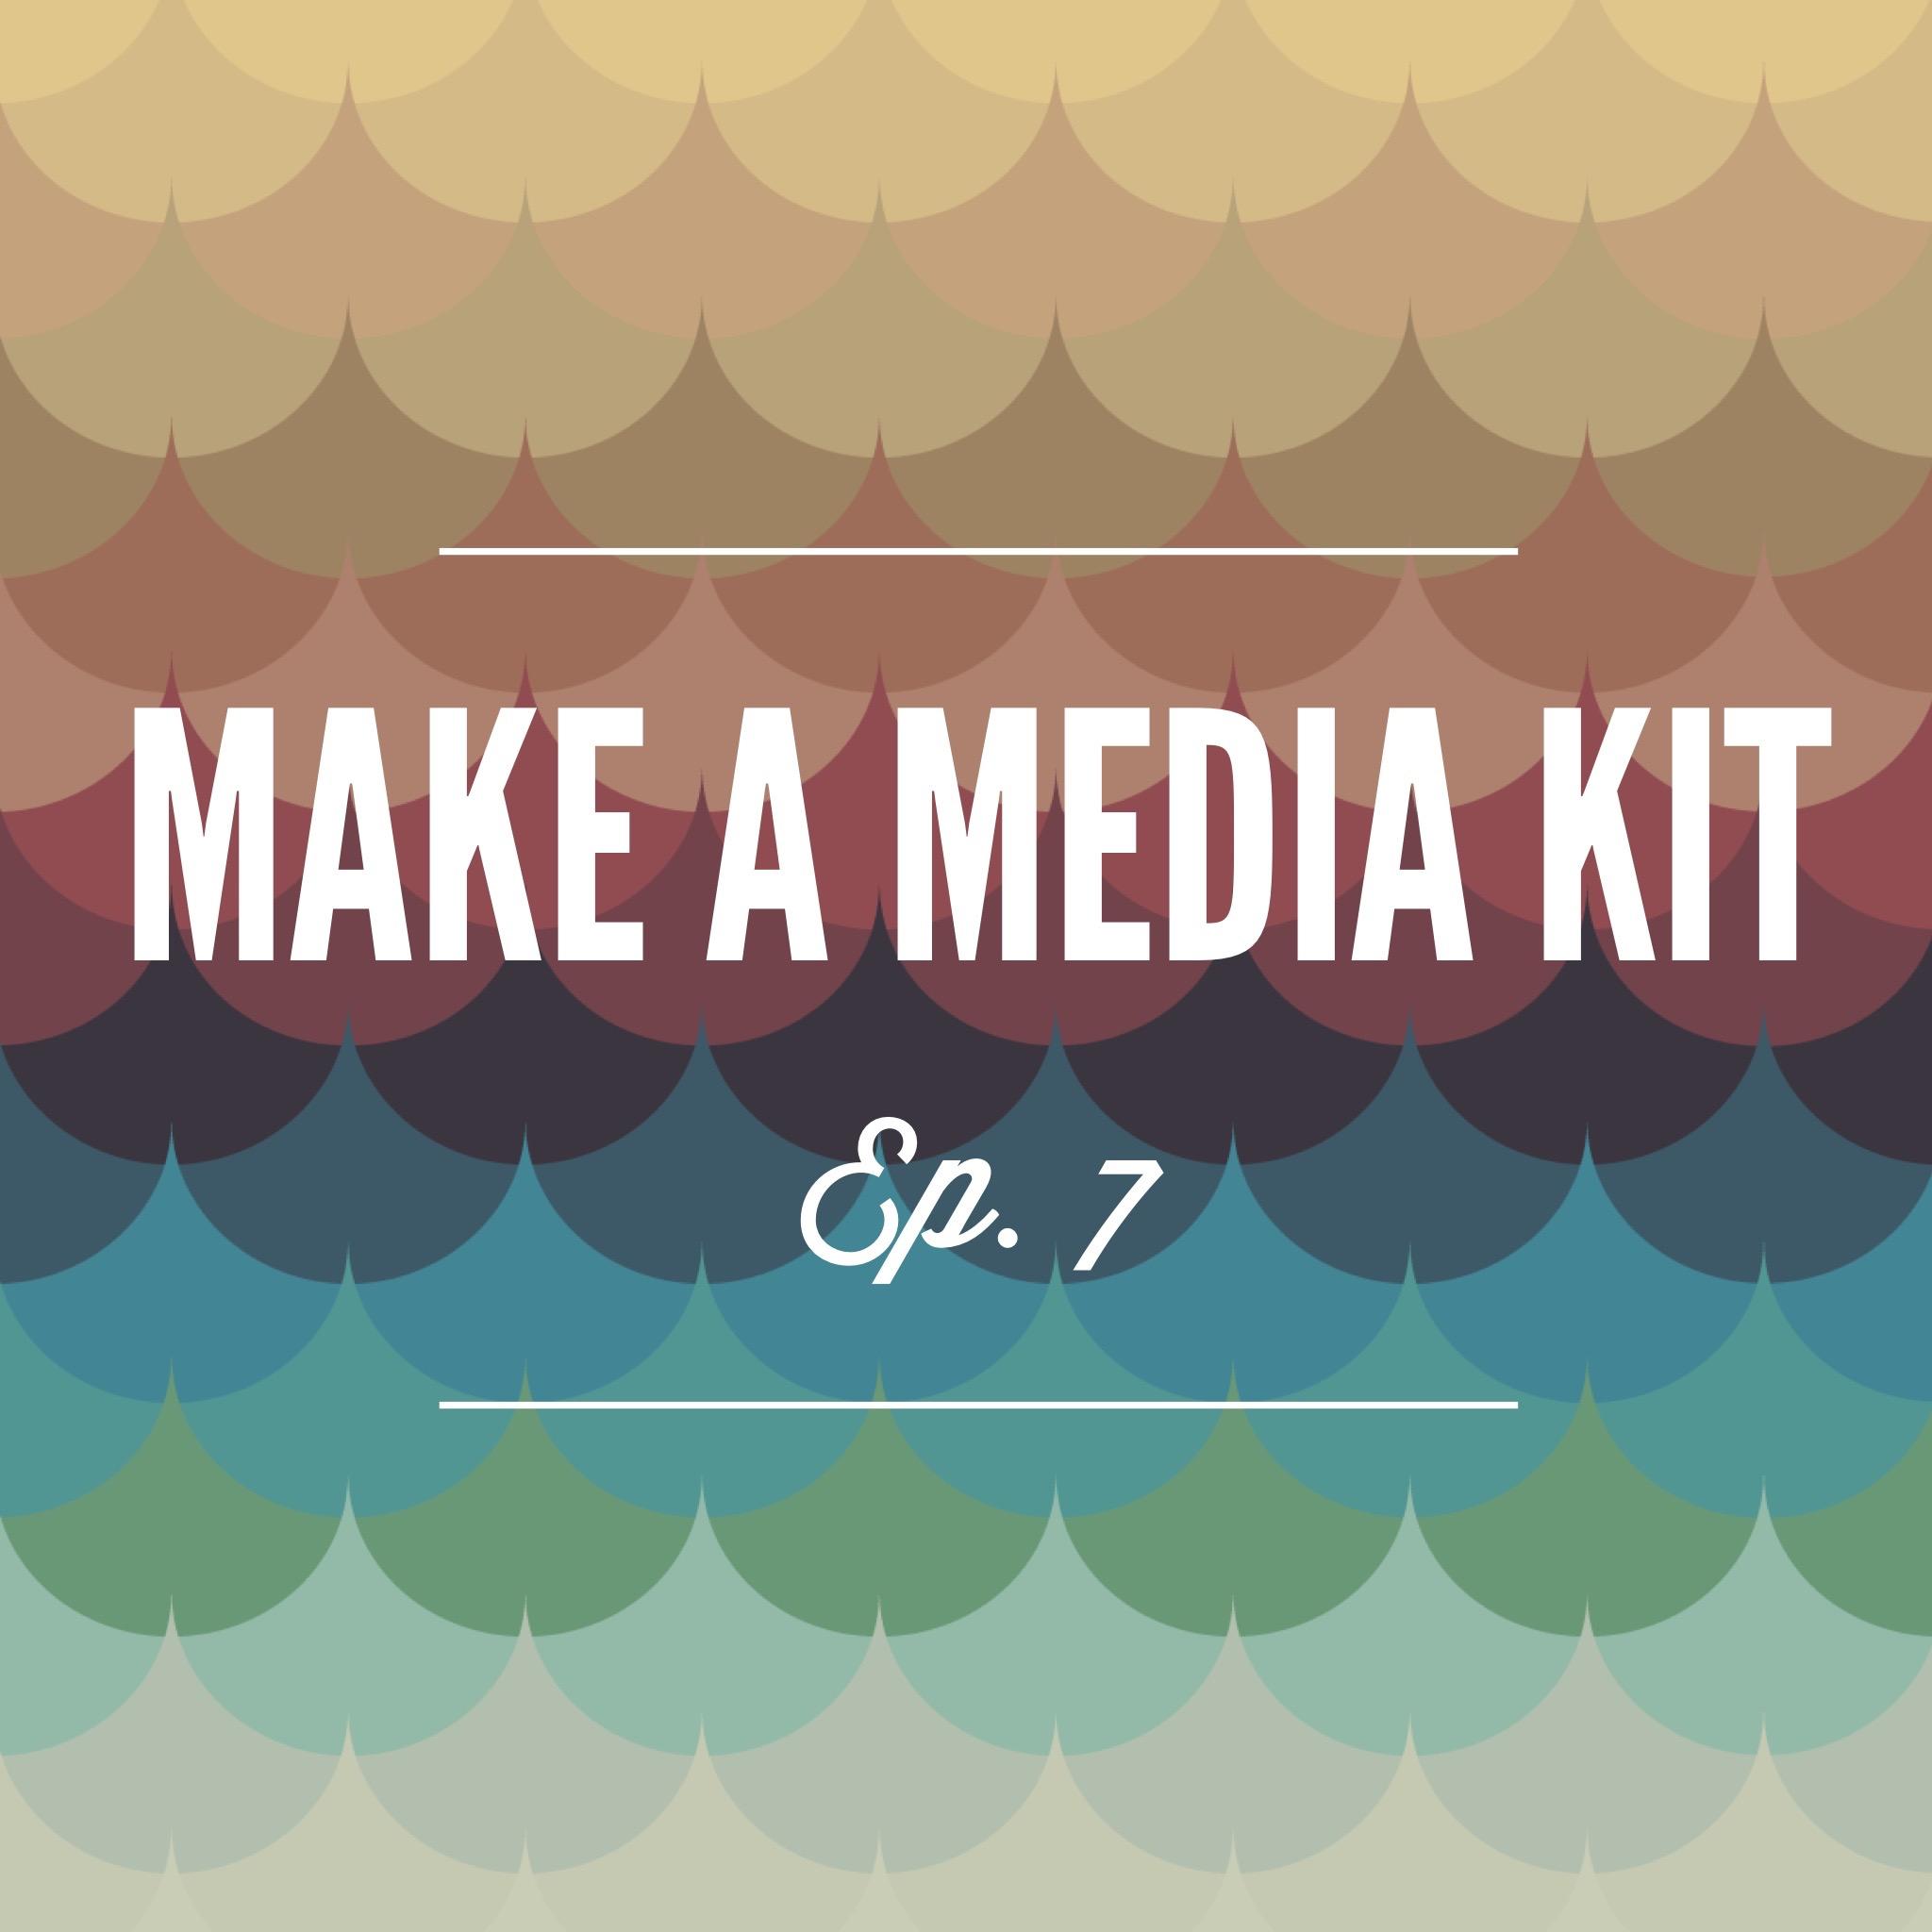 Make A Media Kit